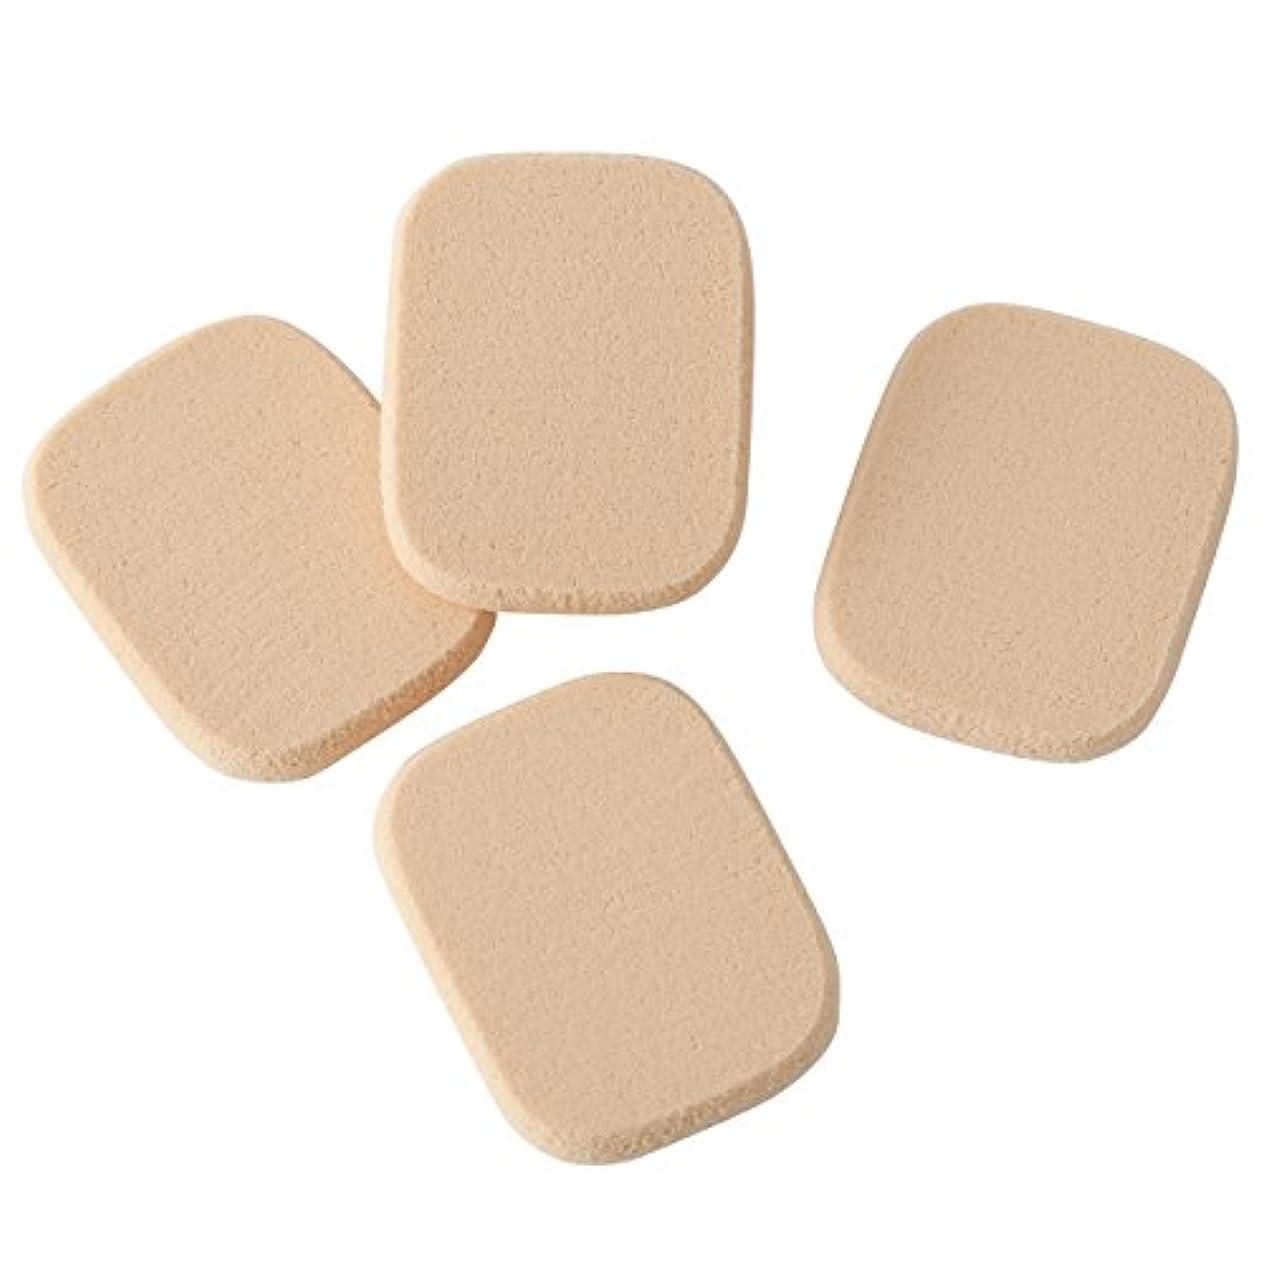 手がかり反映する安心させる無印良品 スポンジパフ 4個入 日本製